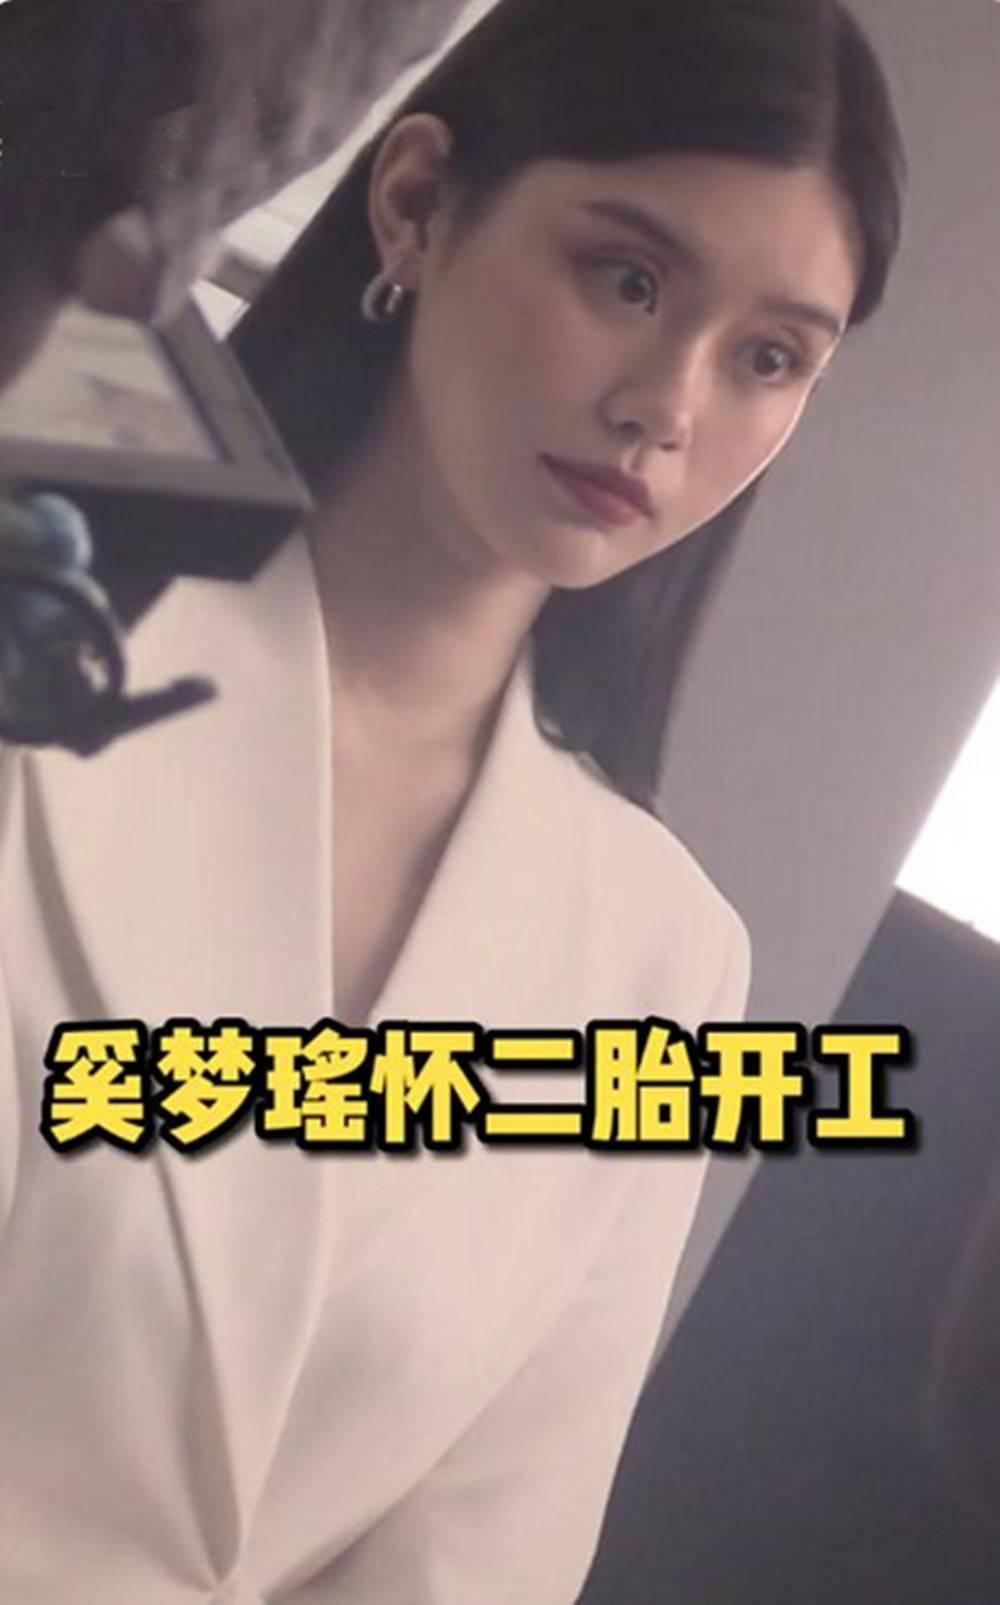 奚梦瑶挺二胎孕肚开工,补妆疲惫脸圆润,如何缓解孕早期不适?